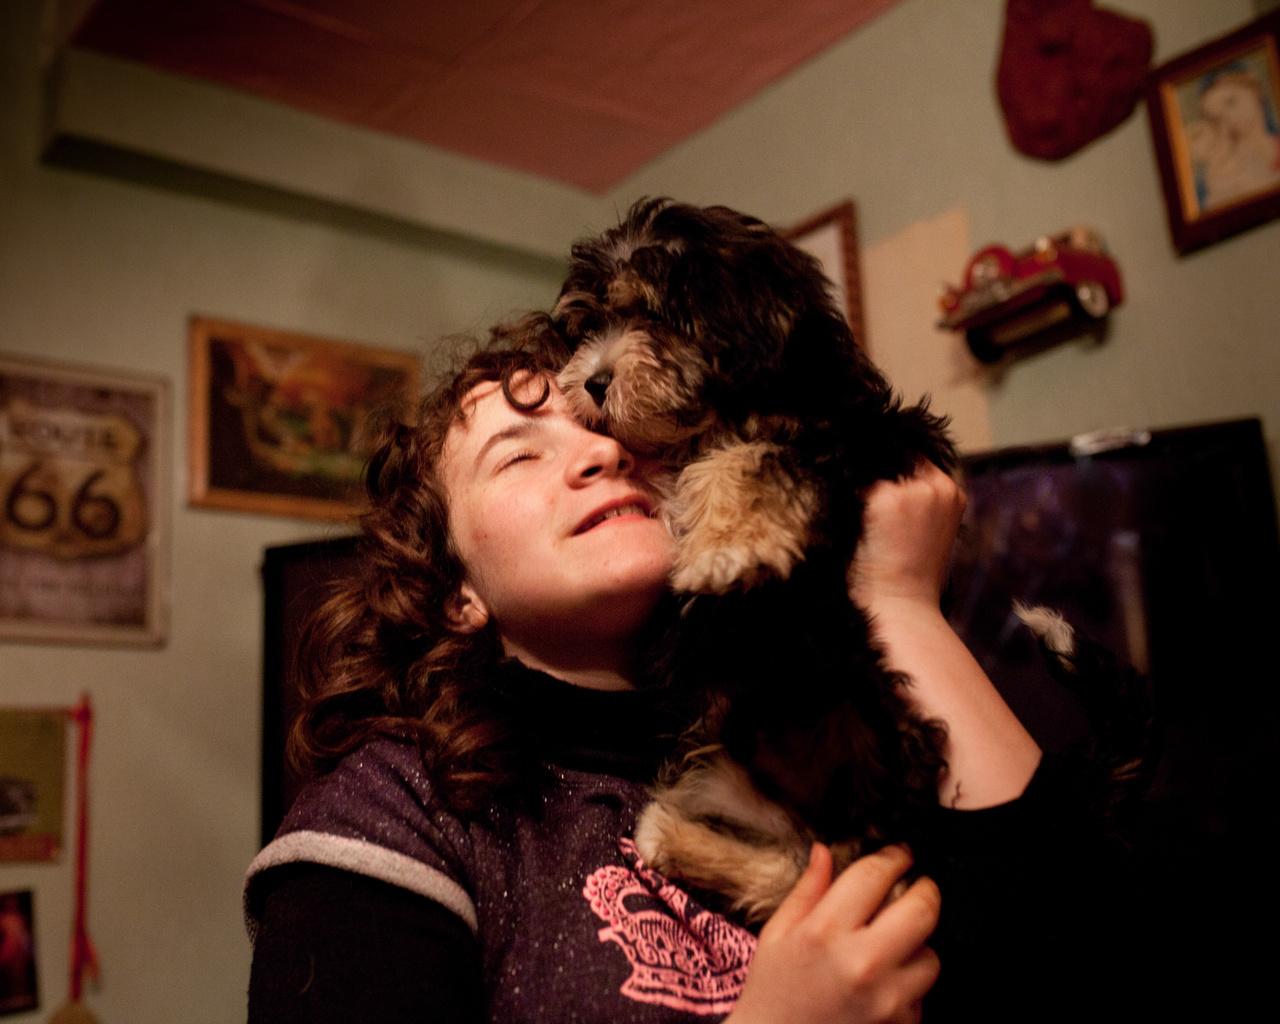 A család öt kutyájából a képen Kapitányt (Capitaine) szeretgeti átszellemülten Ilona. A háttérben a falakon megfigyelhetők a mindent elárasztó, ocsmány amerikás falidíszek.